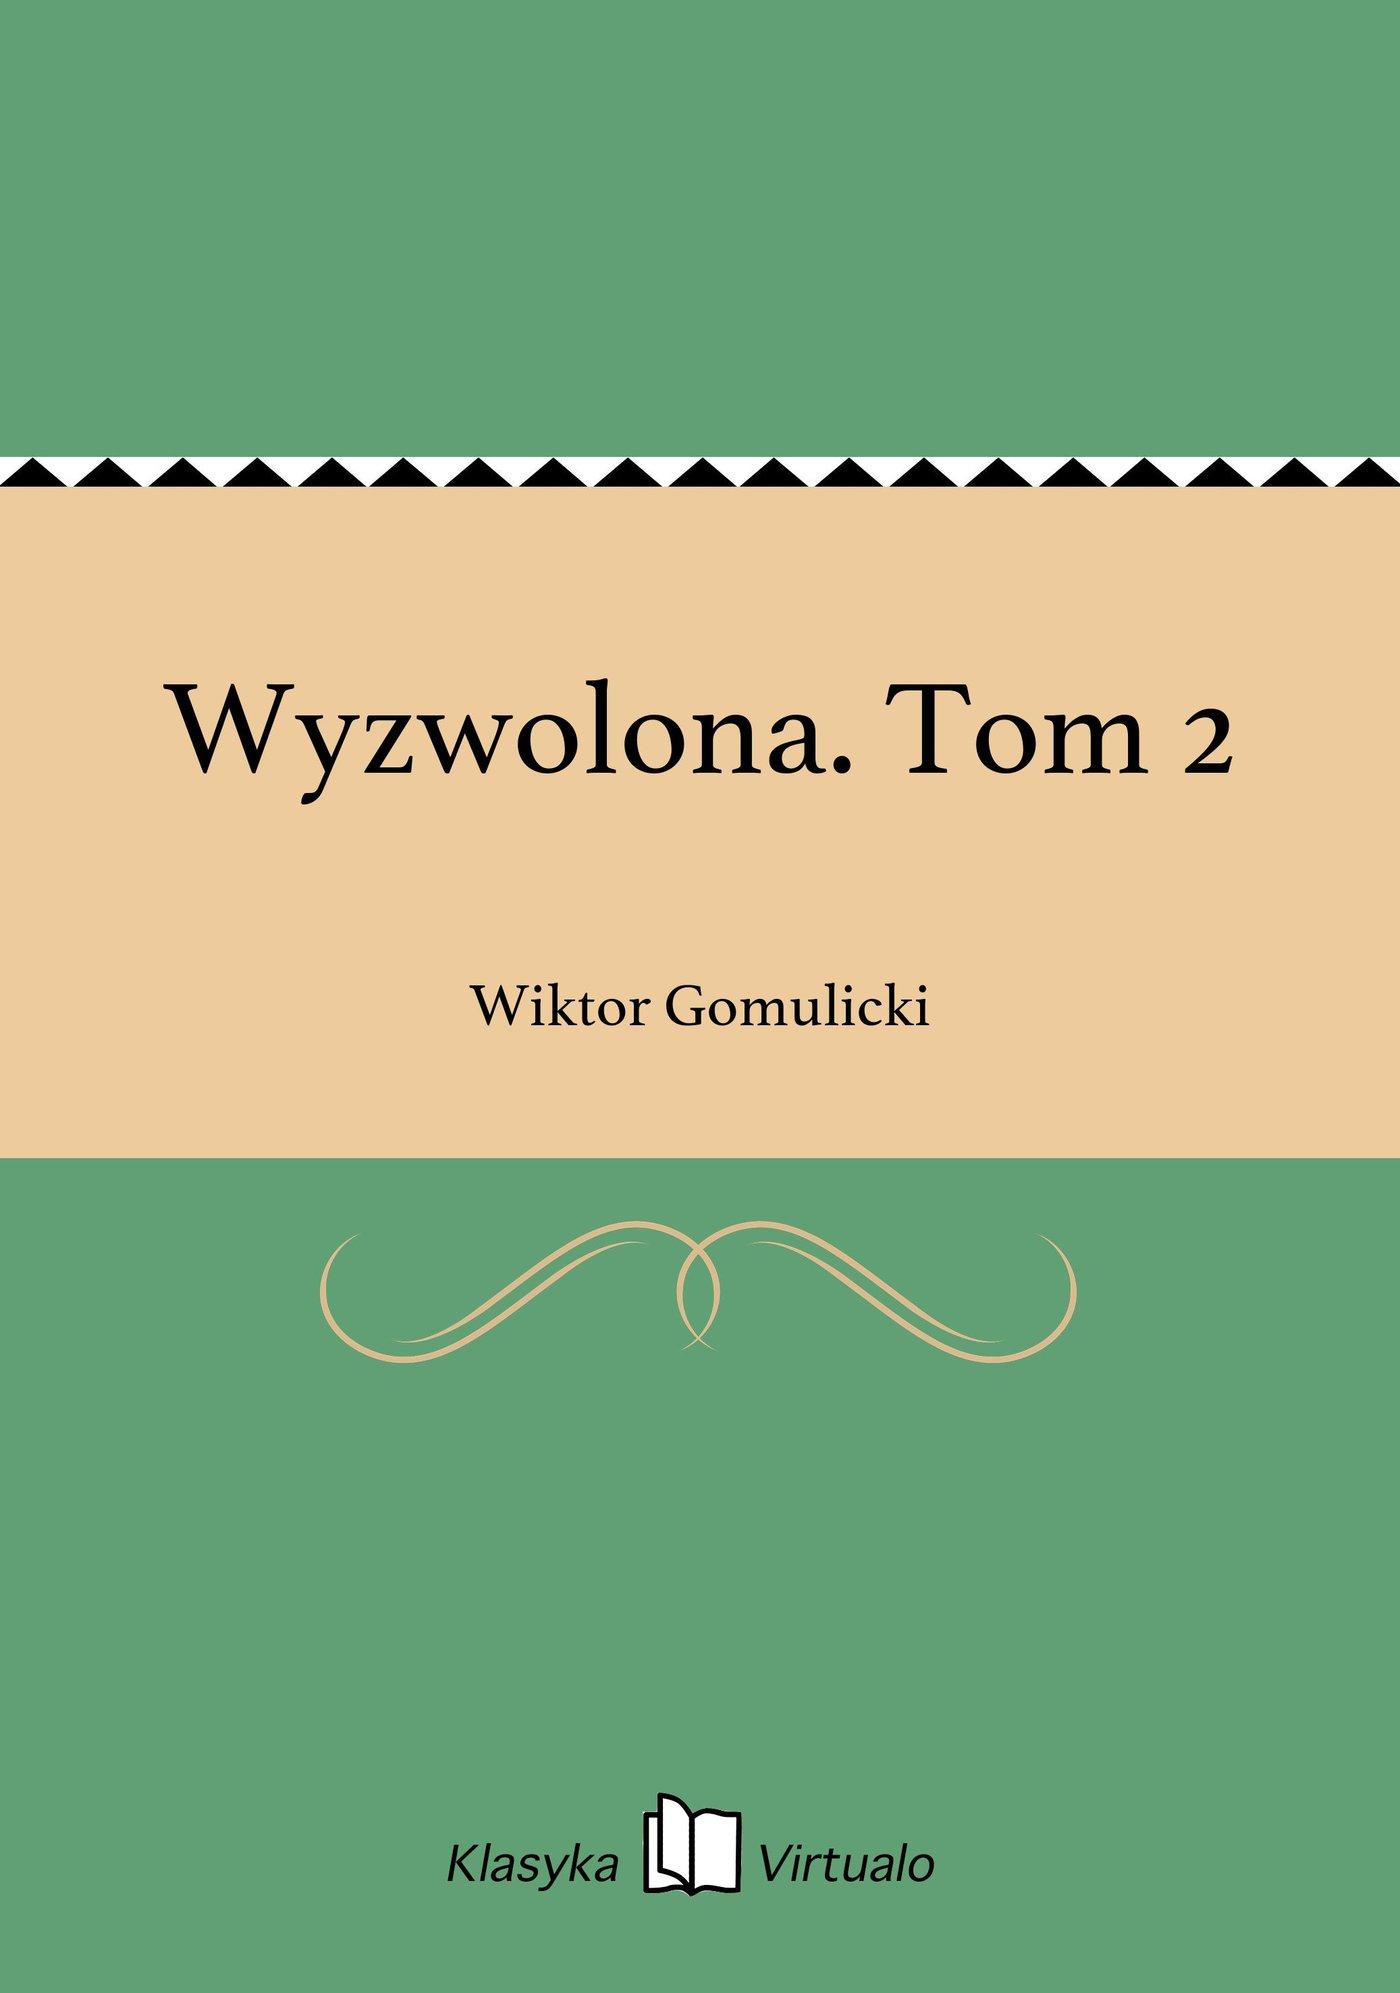 Wyzwolona. Tom 2 - Ebook (Książka EPUB) do pobrania w formacie EPUB